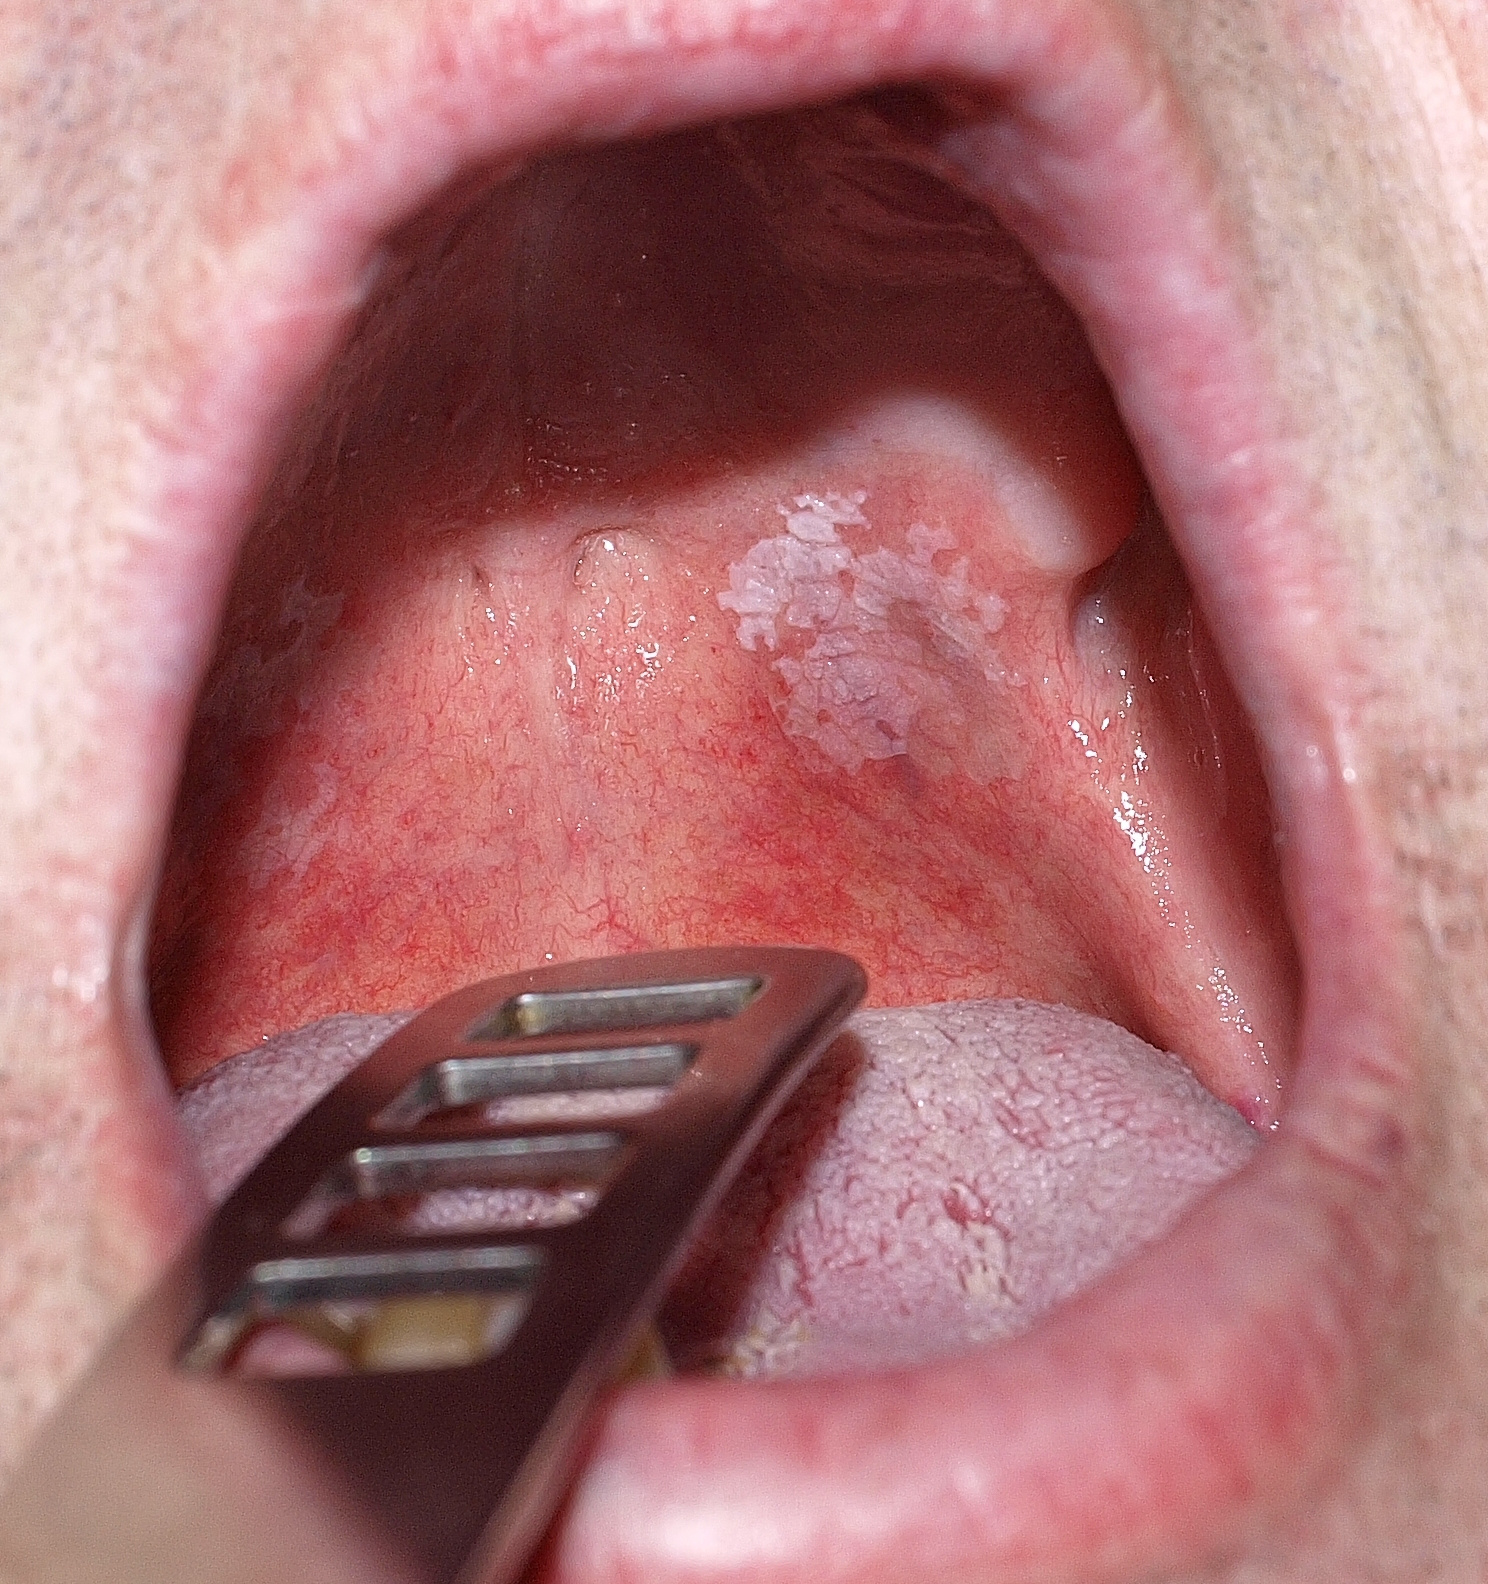 vörös foltok a szájban a szájban, mint kezelni)